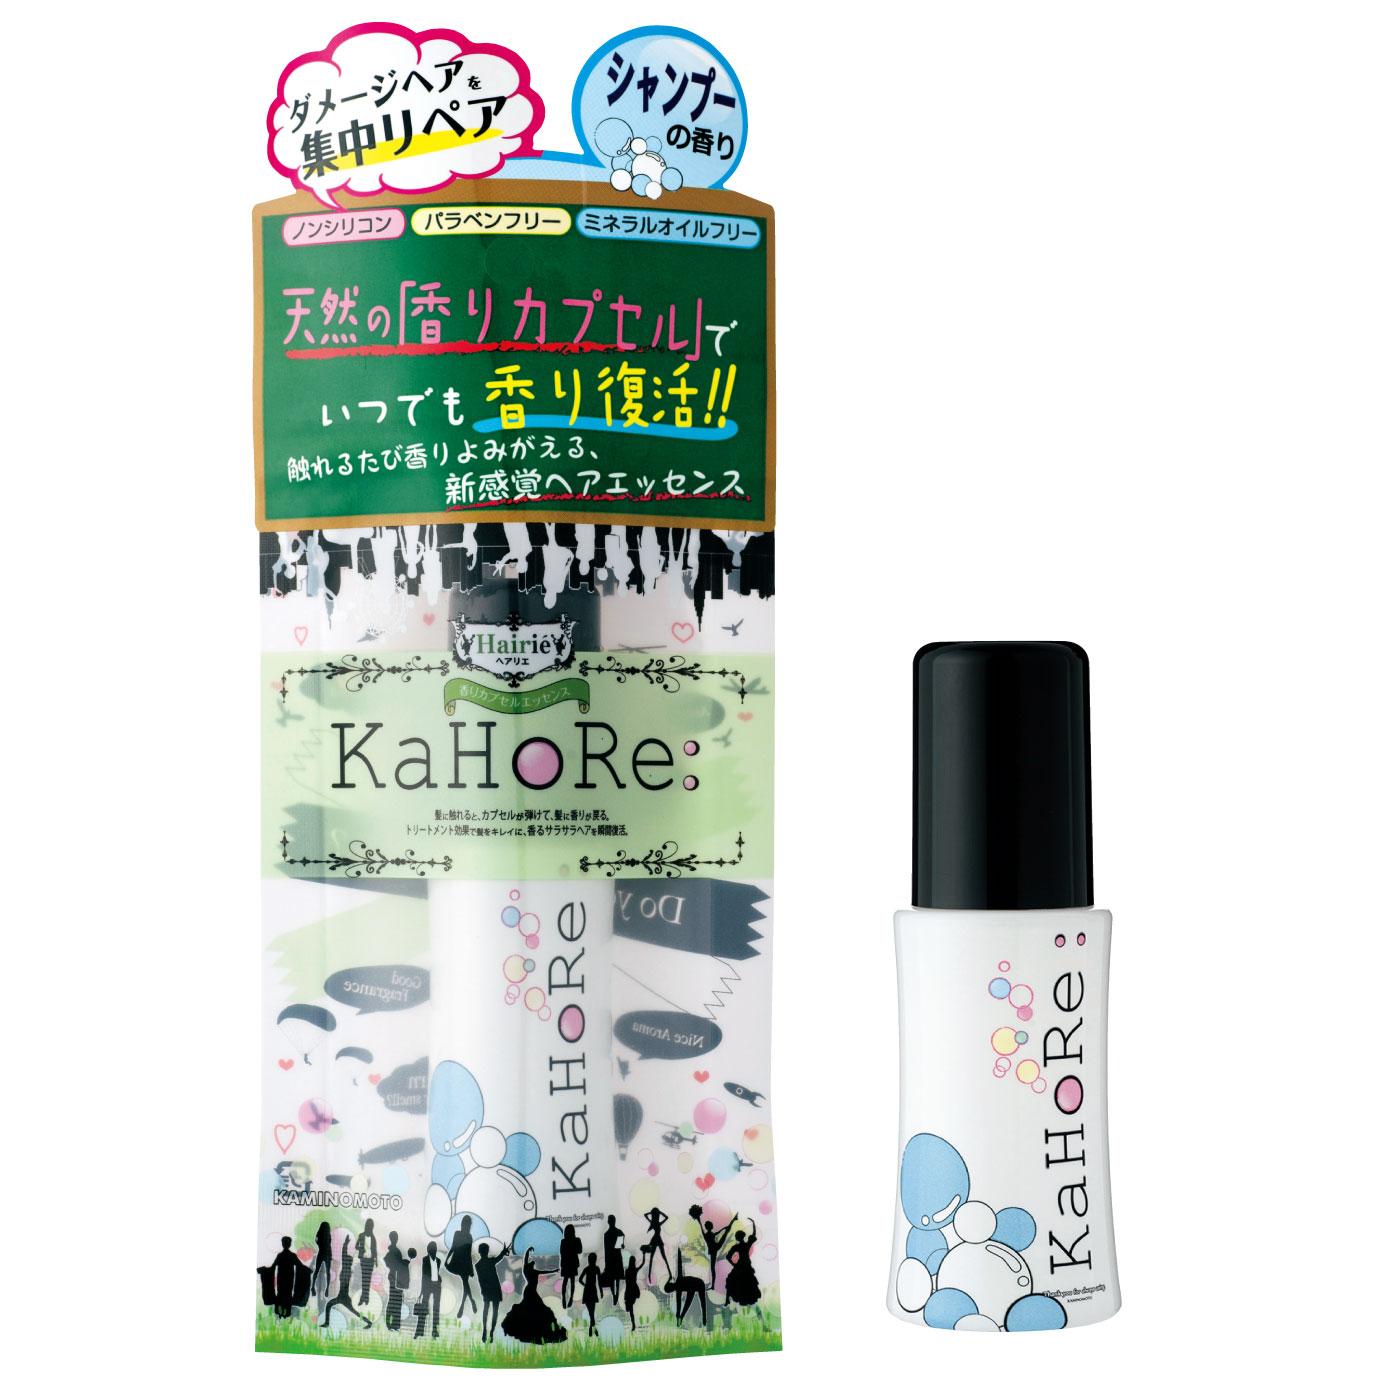 ヘアリエ KaHoRe:ヘアエッセンス シャンプーの香り